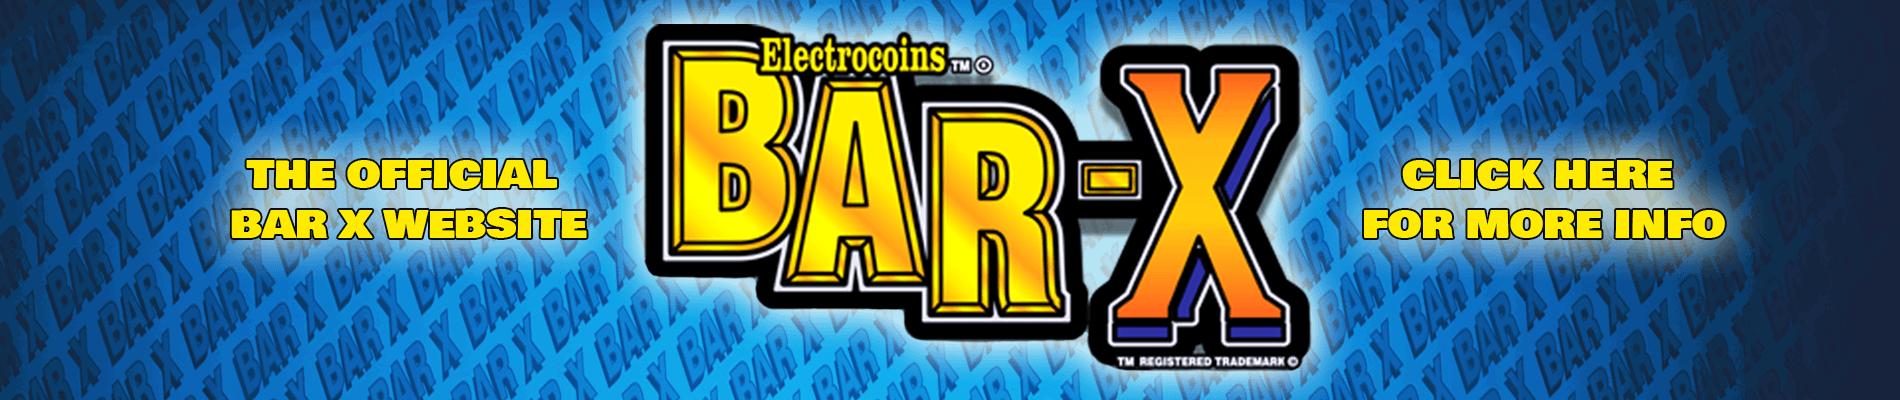 Official Bar X website